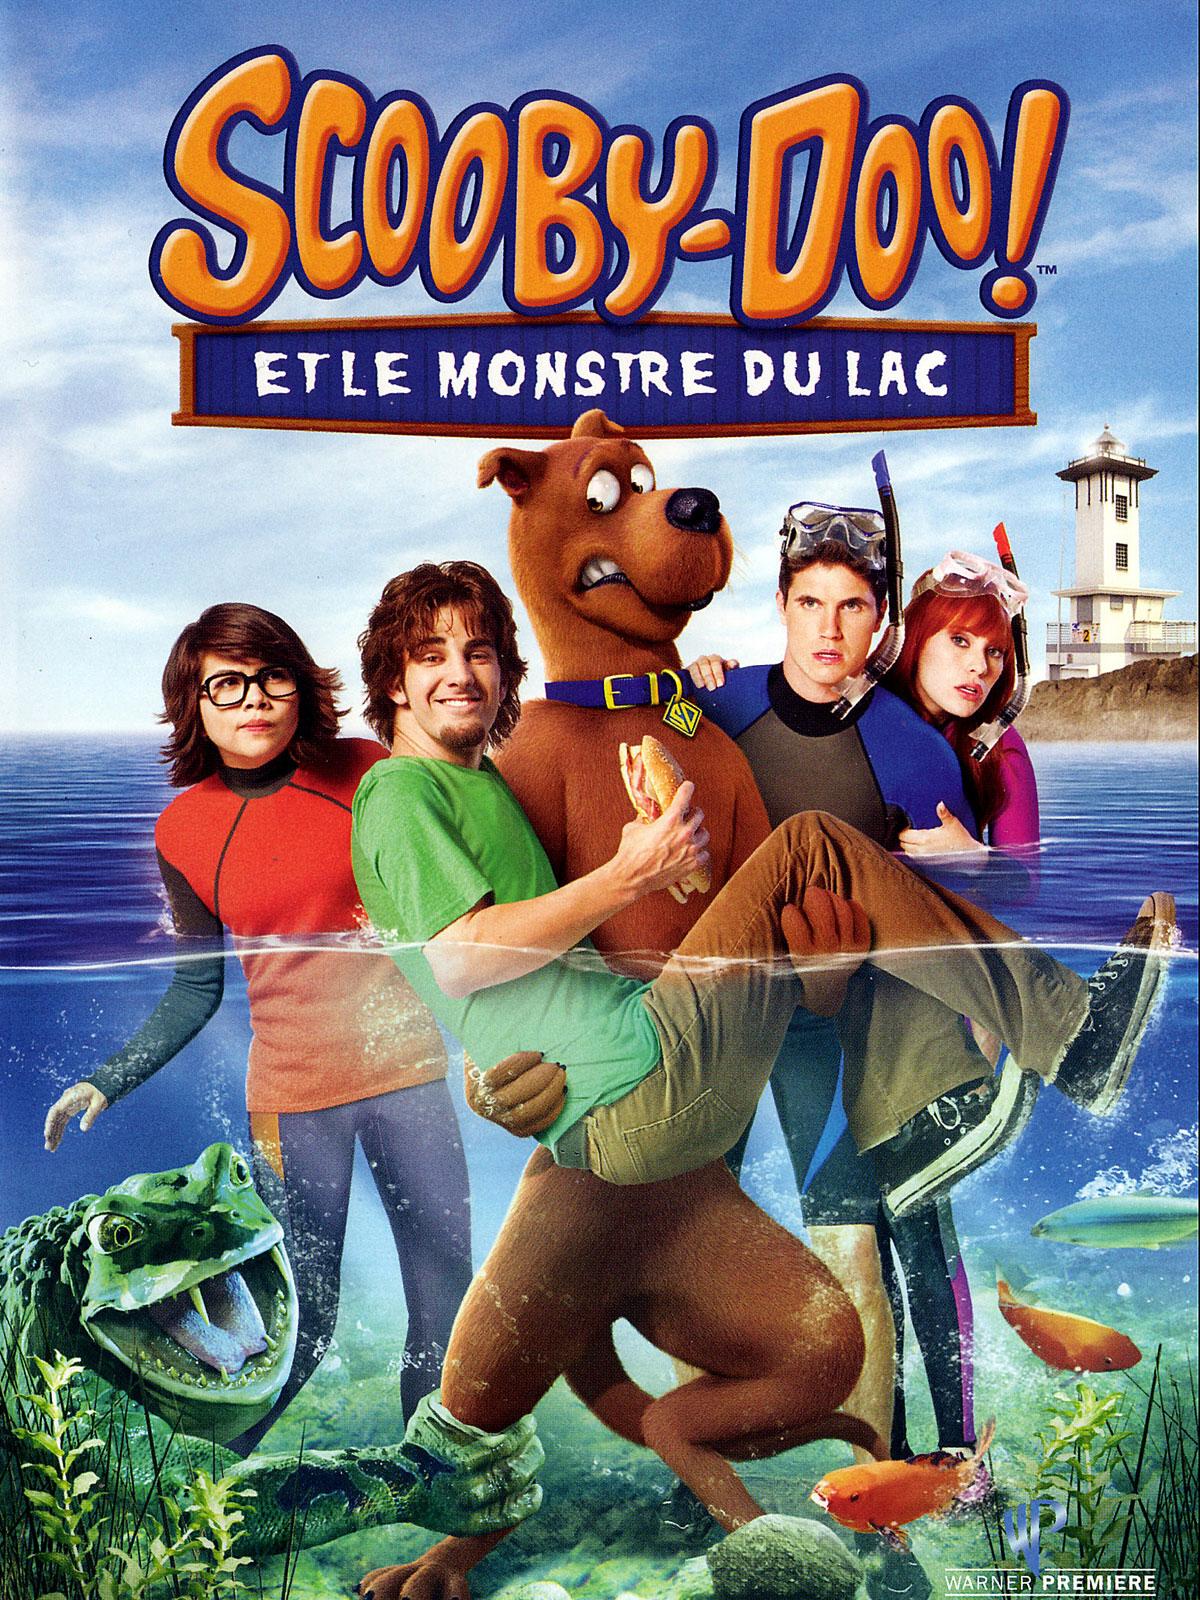 Critiques De Scooby Doo Et Le Monstre Du Lac Allocine